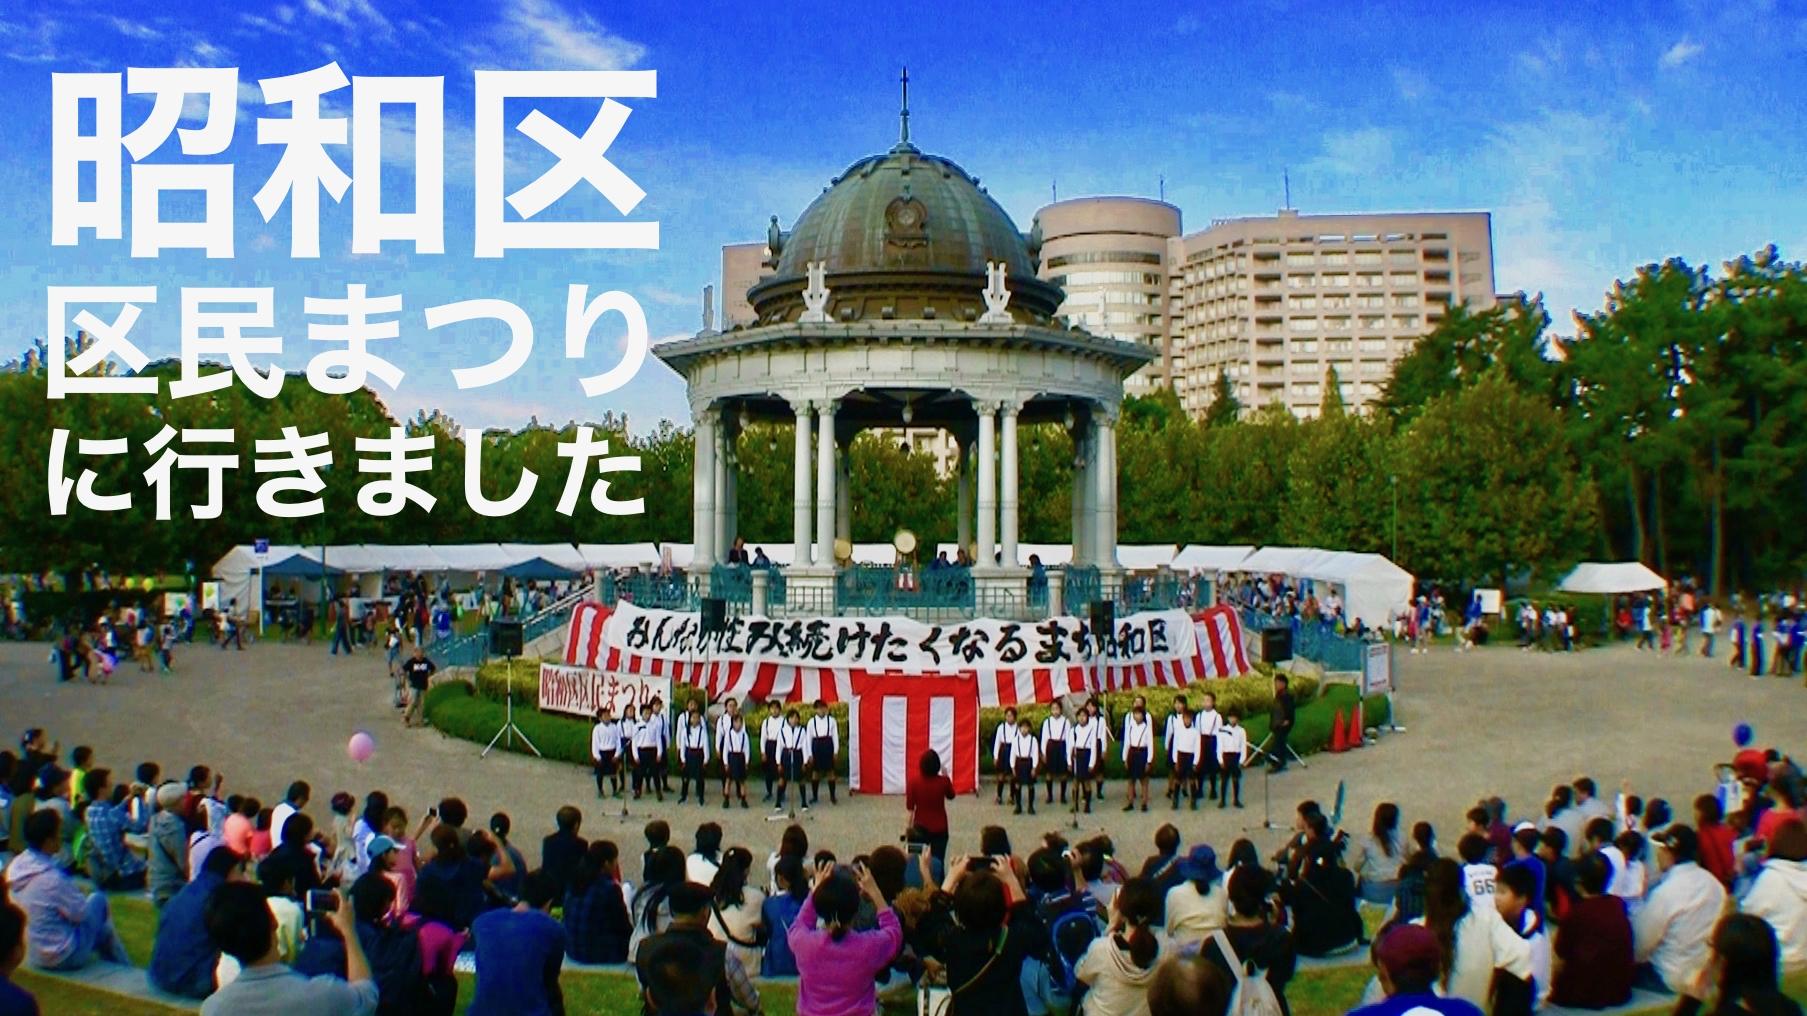 昭和区区民まつり@鶴舞公園